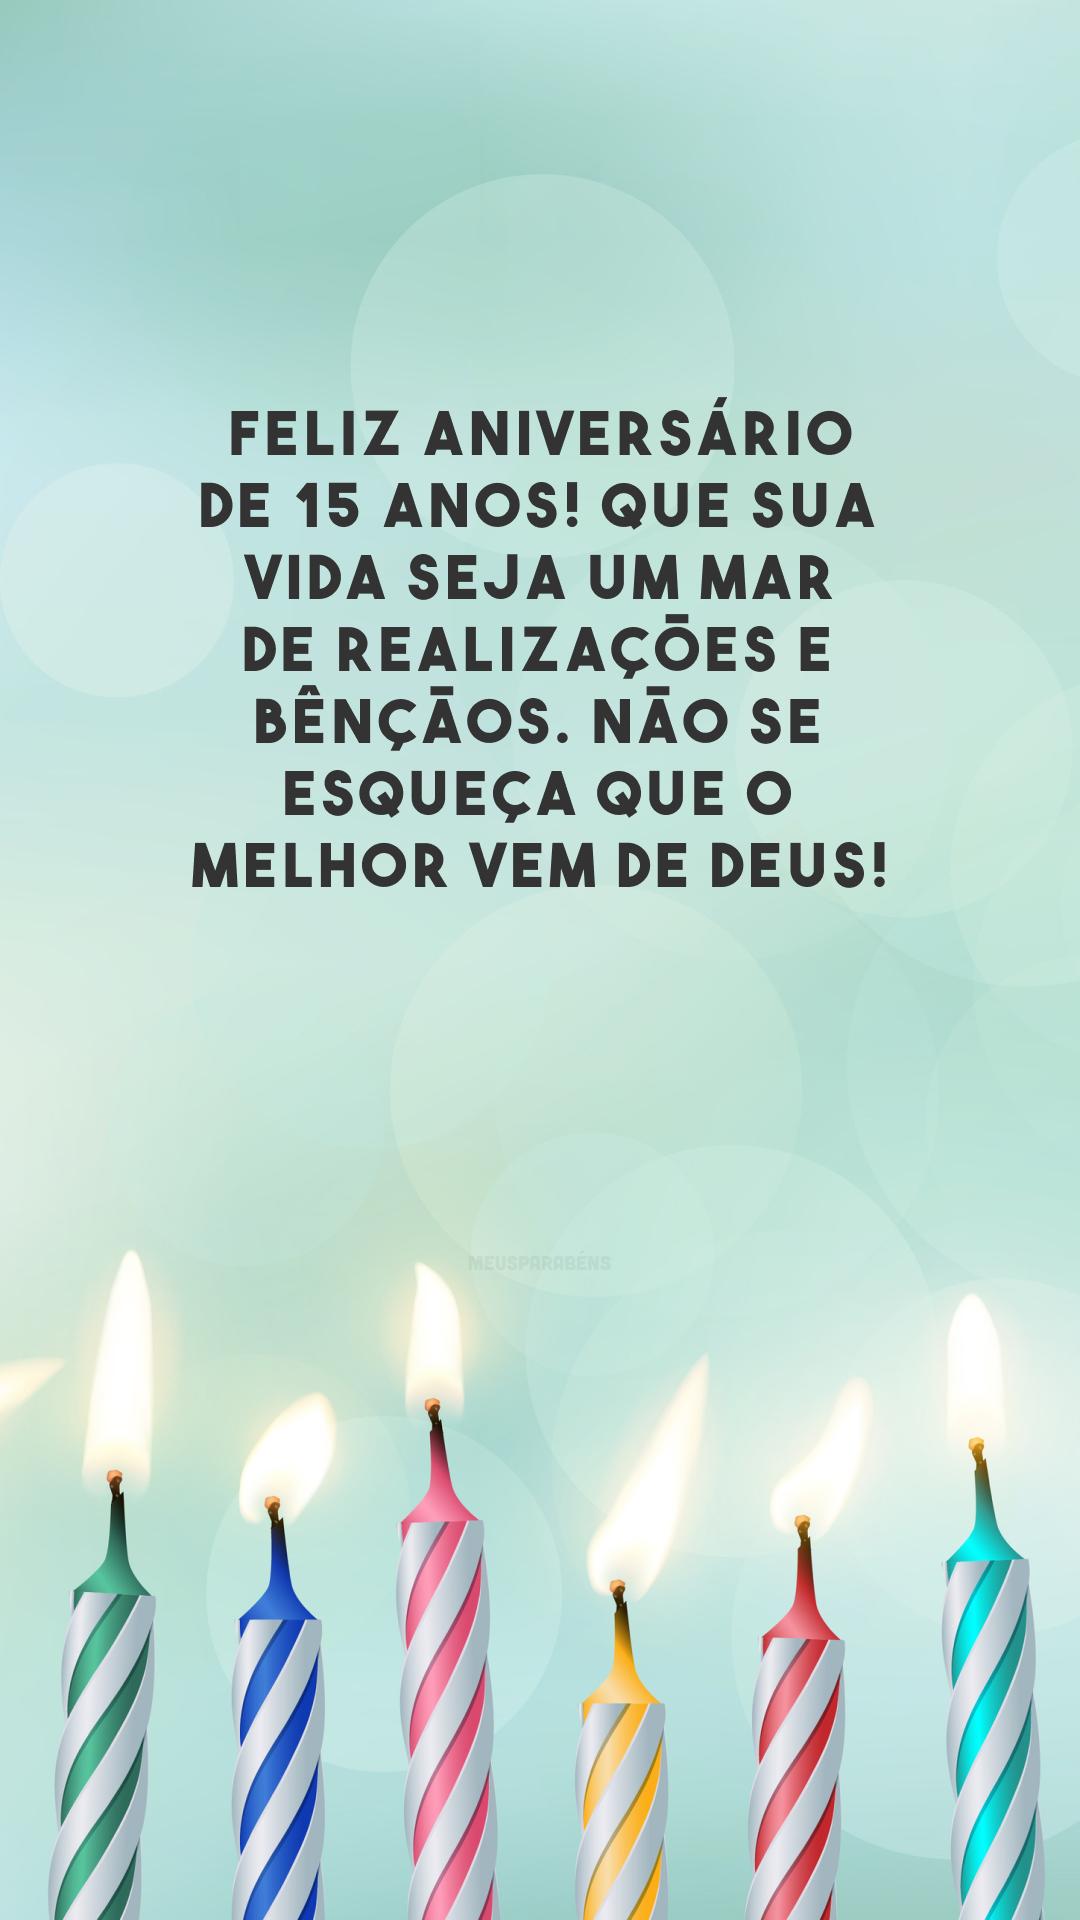 Feliz aniversário de 15 anos! Que sua vida seja um mar de realizações e bênçãos. Não se esqueça que o melhor vem de Deus!